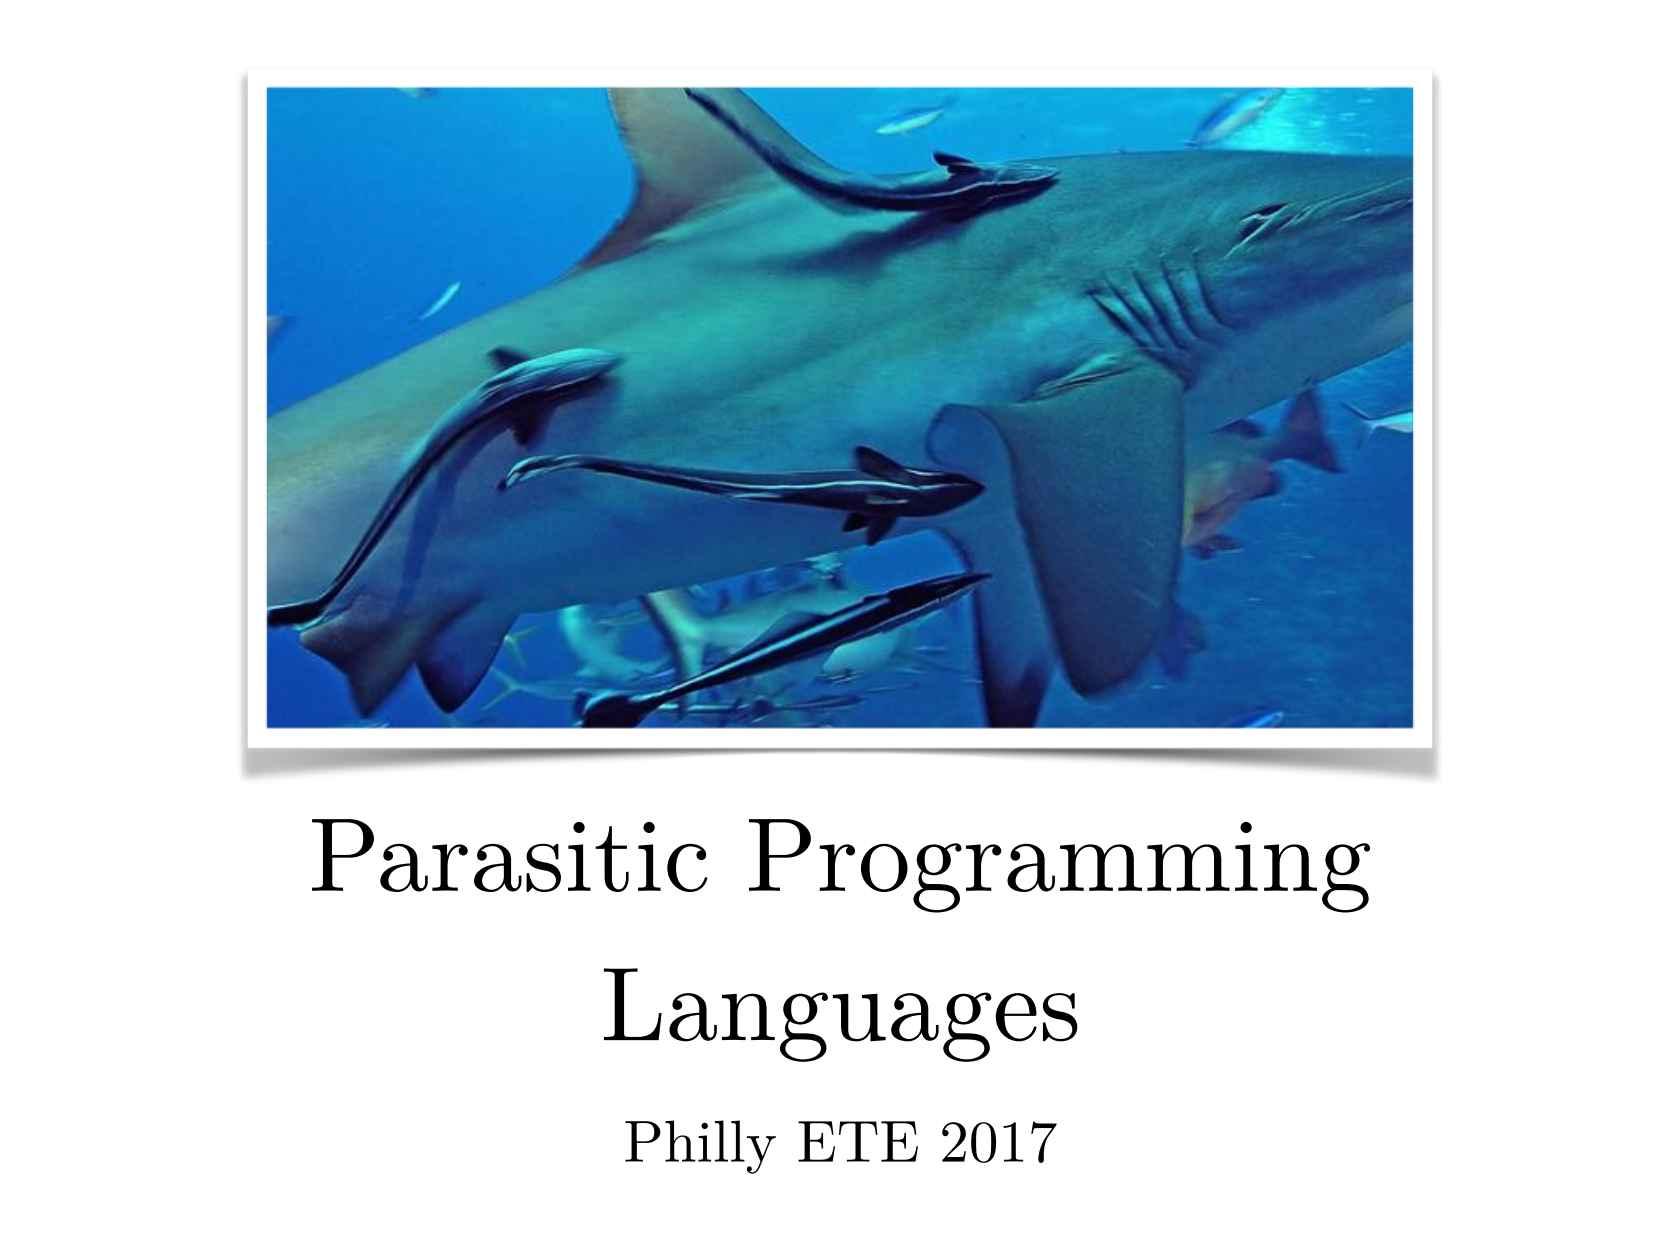 focus programming language